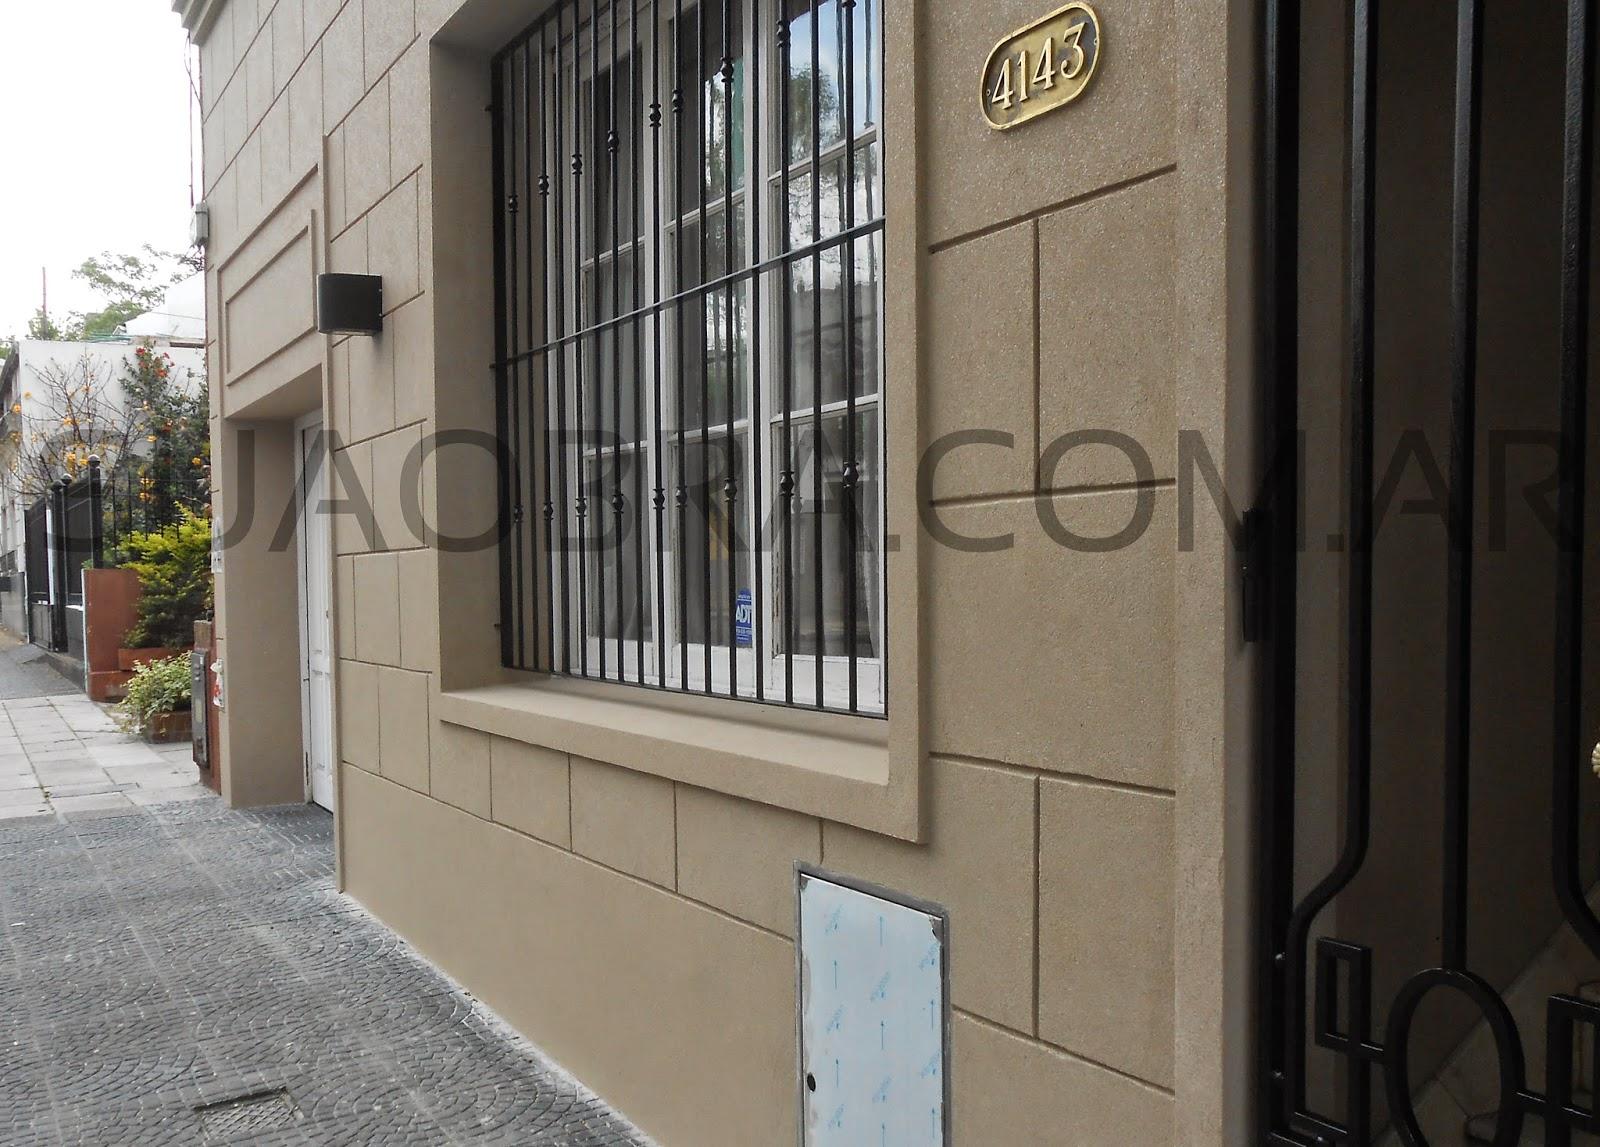 Renovacion De Fachada Con Revoque Plastico Sobre Revestimientos - Recubrimientos-fachadas